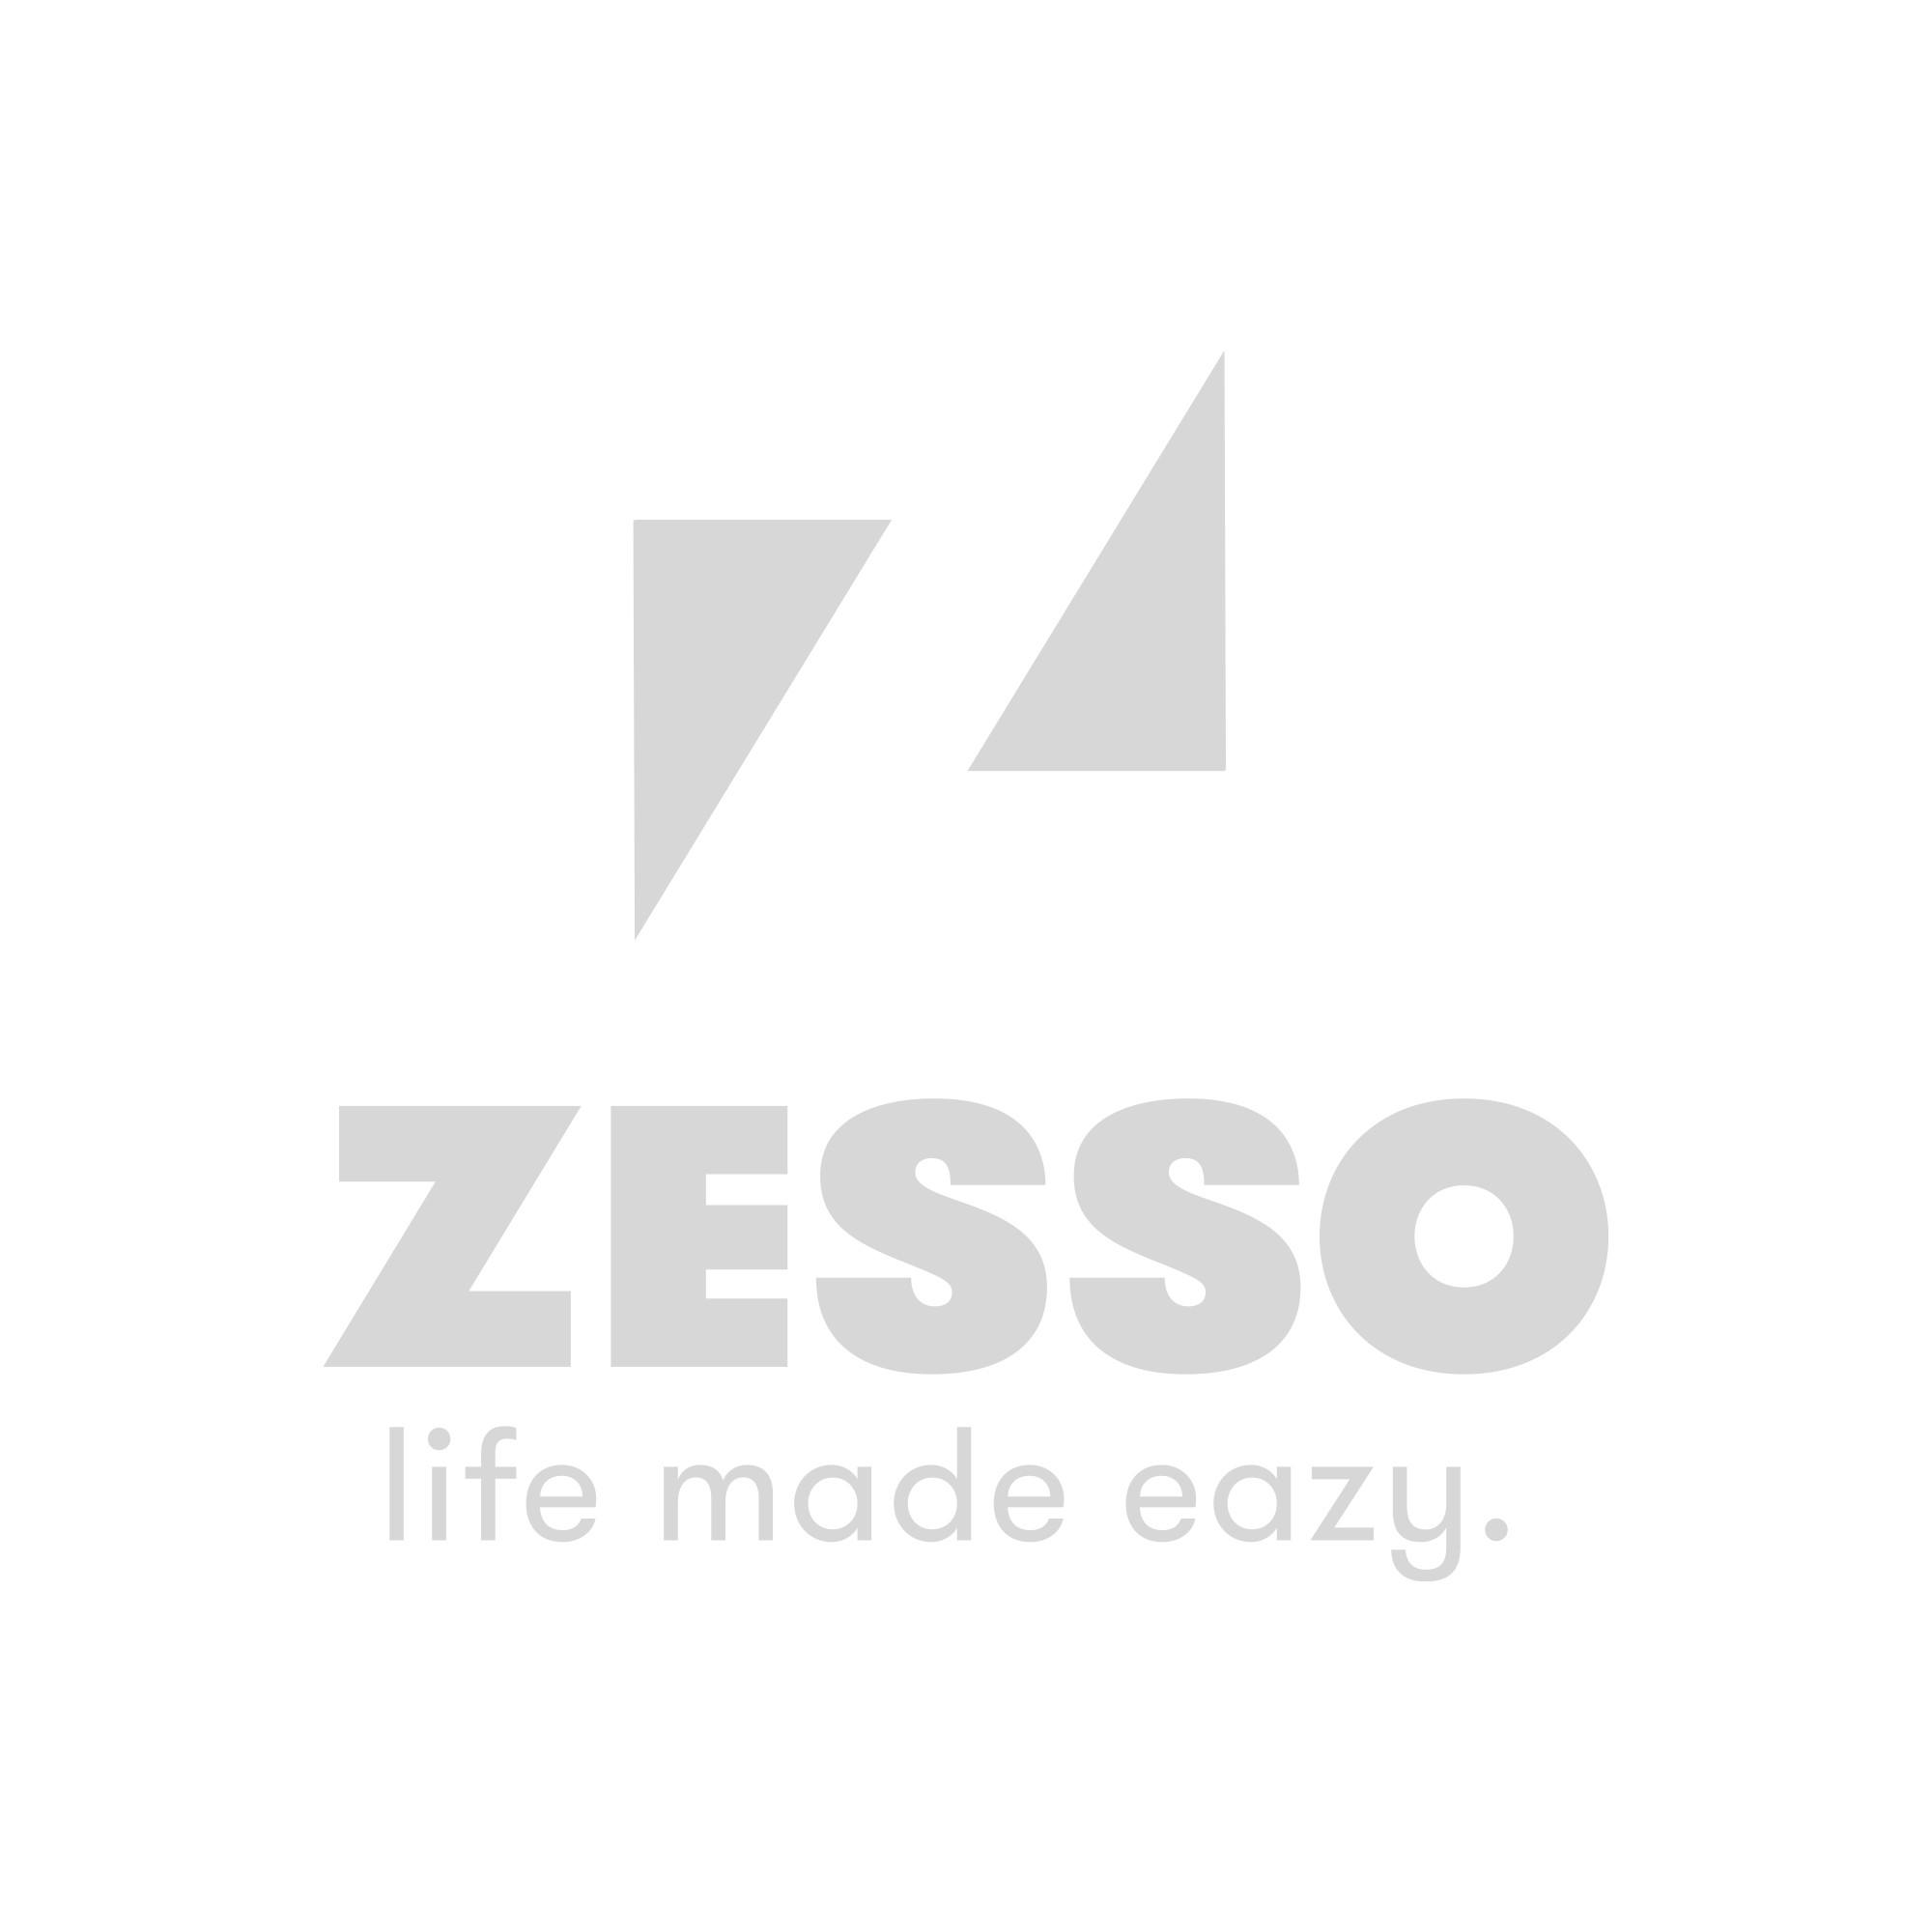 Beddinghouse Dekbedovertrek Sweet Lace Sand - 140 cm x 200/220 cm